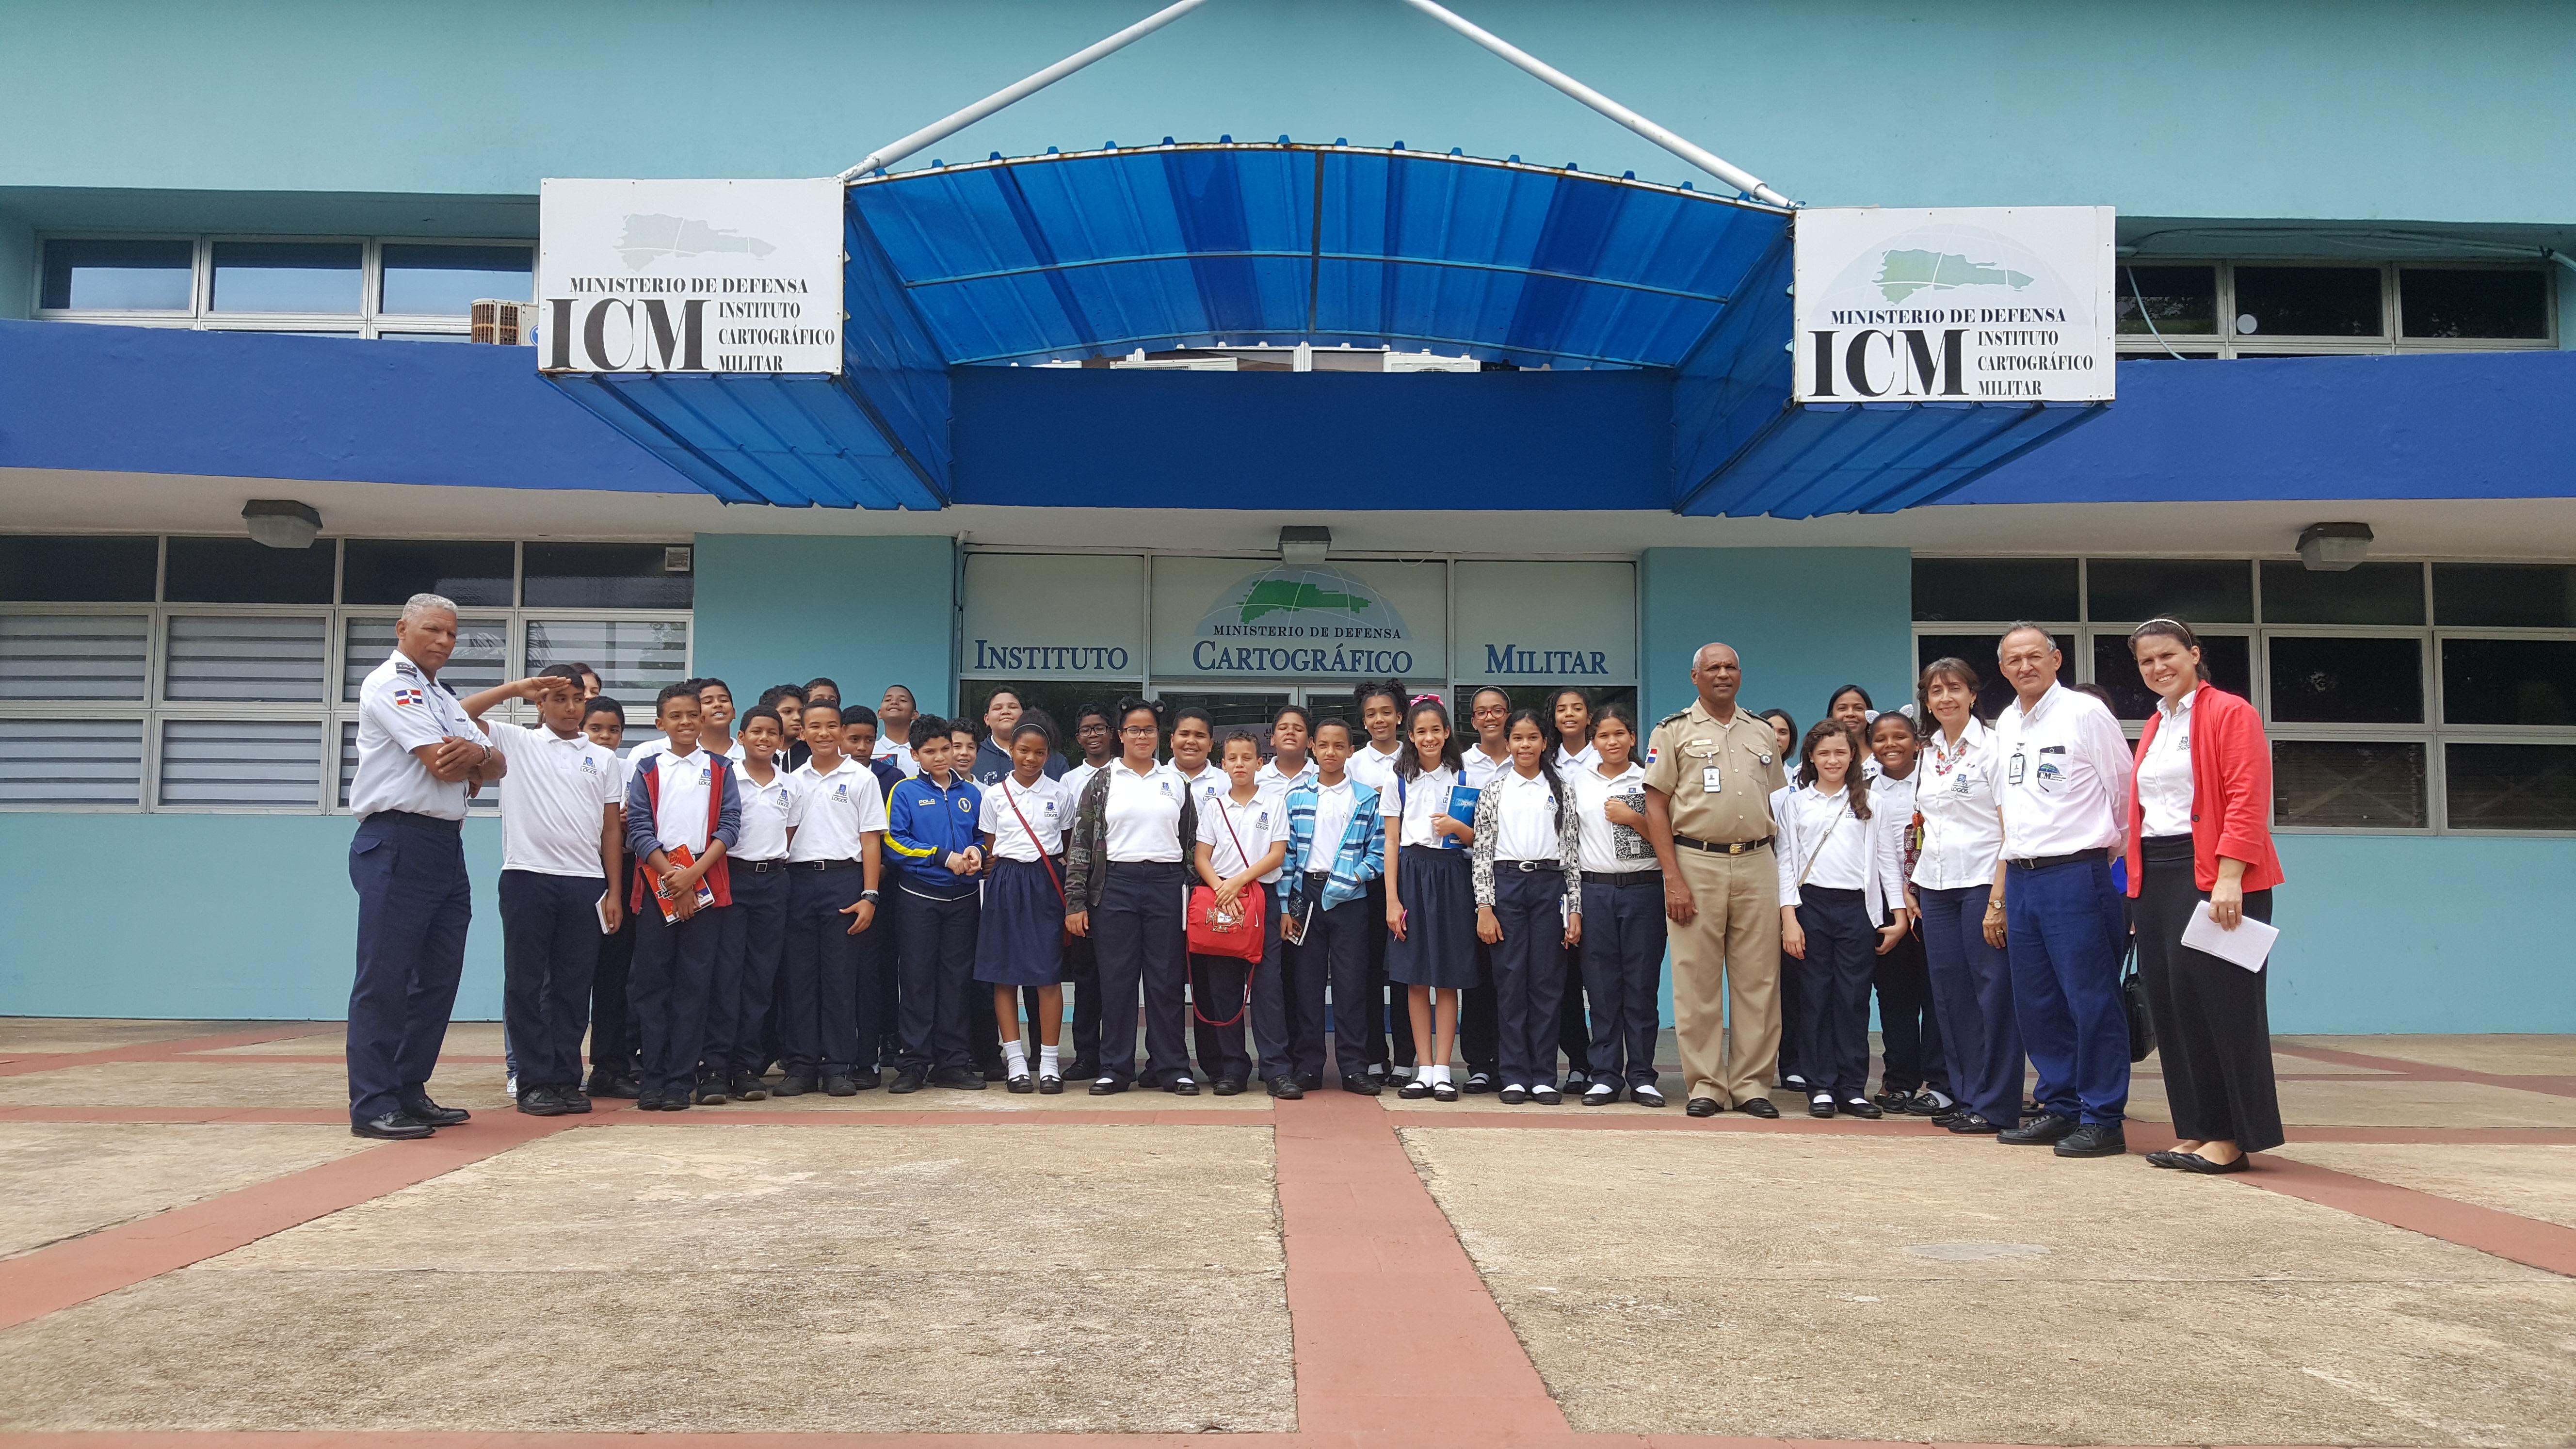 Visita educativa del Colegio Cristiano Logos a las instalaciones del ICM